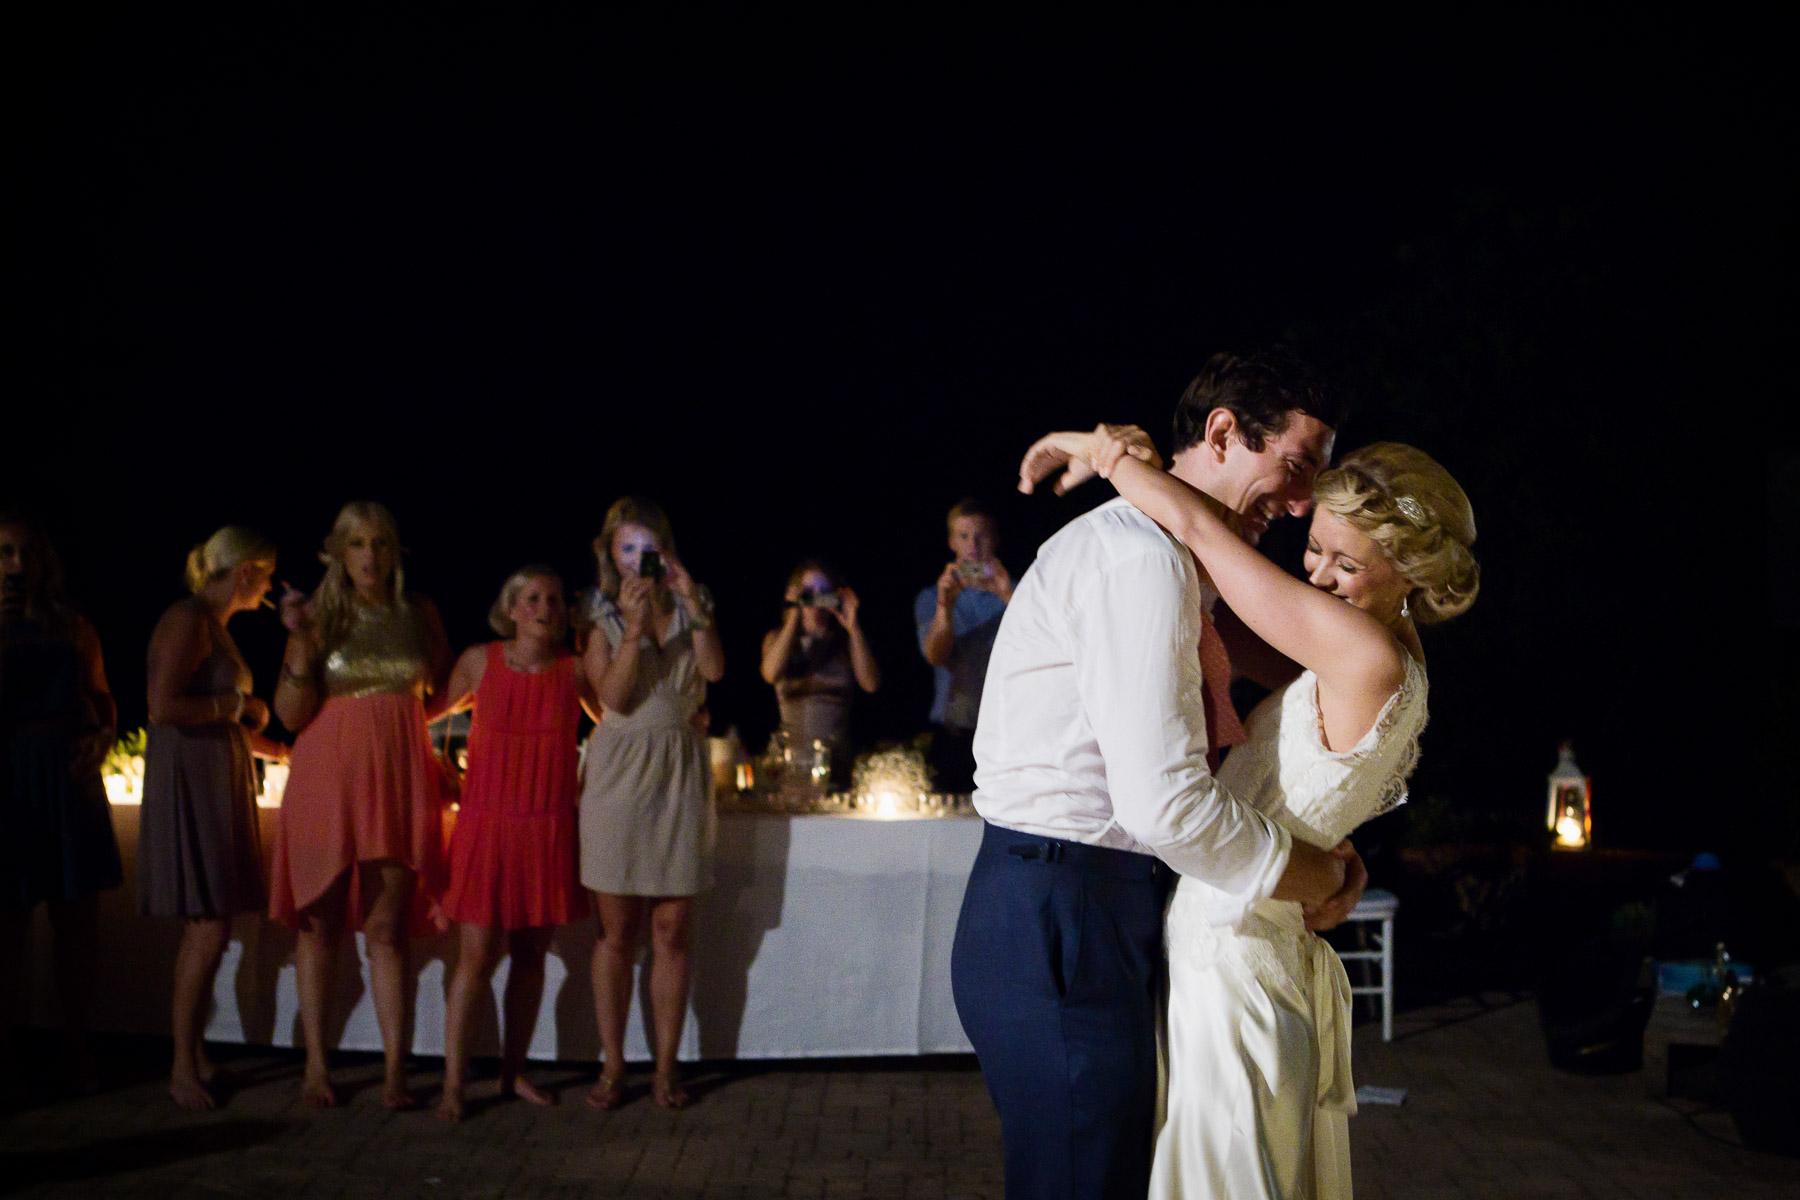 wedding portfolio 25-09-17  121.jpg